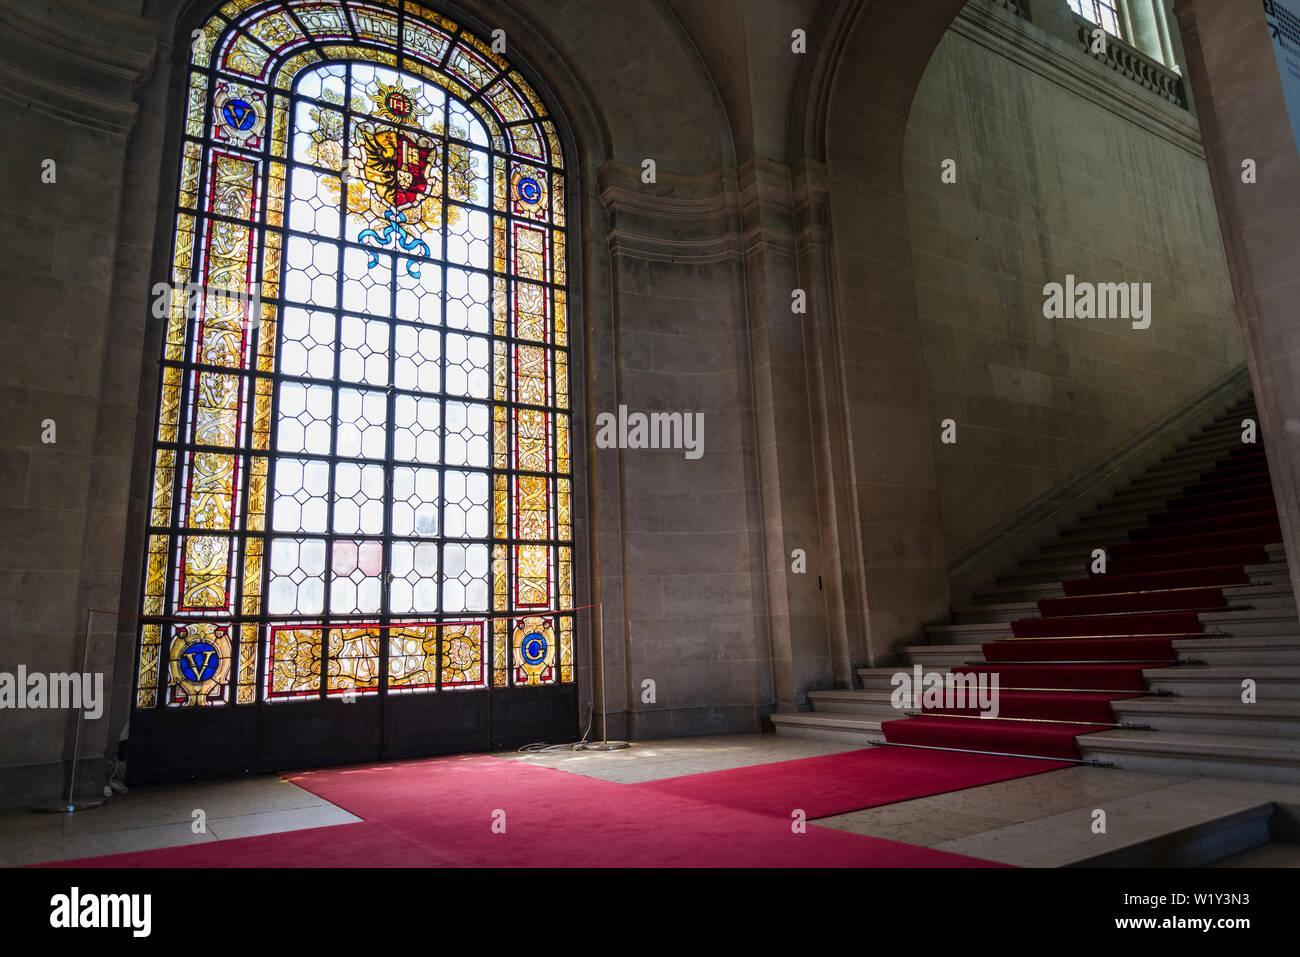 Interior con vidriera, museo de arte e historia, el museo más grande de la ciudad, Ginebra, Suiza. Foto de stock